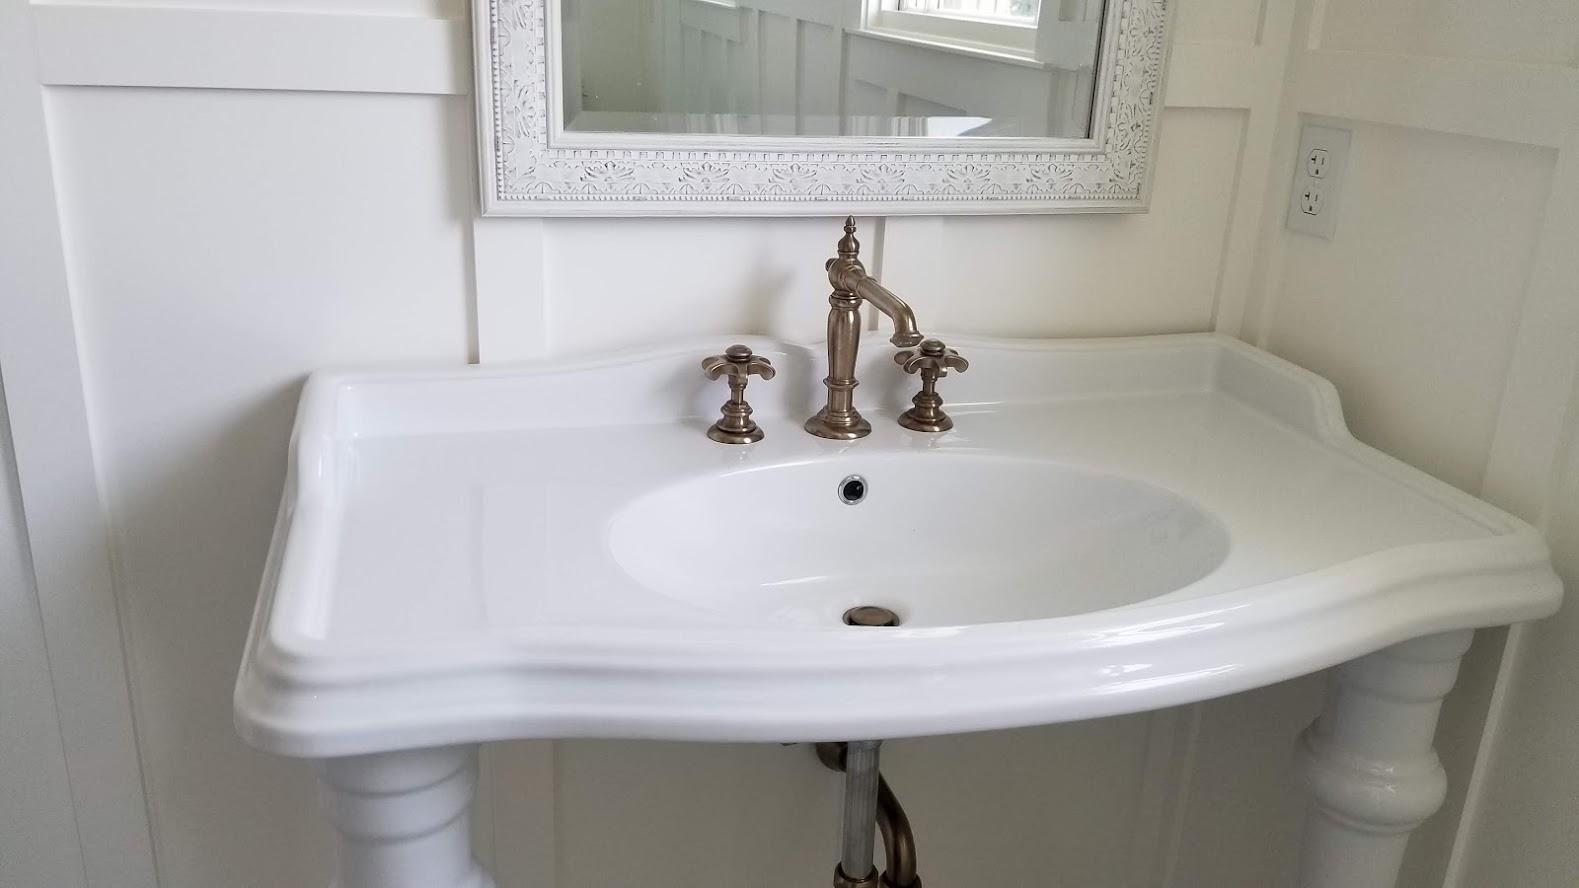 clifford bath pic 9.jpg